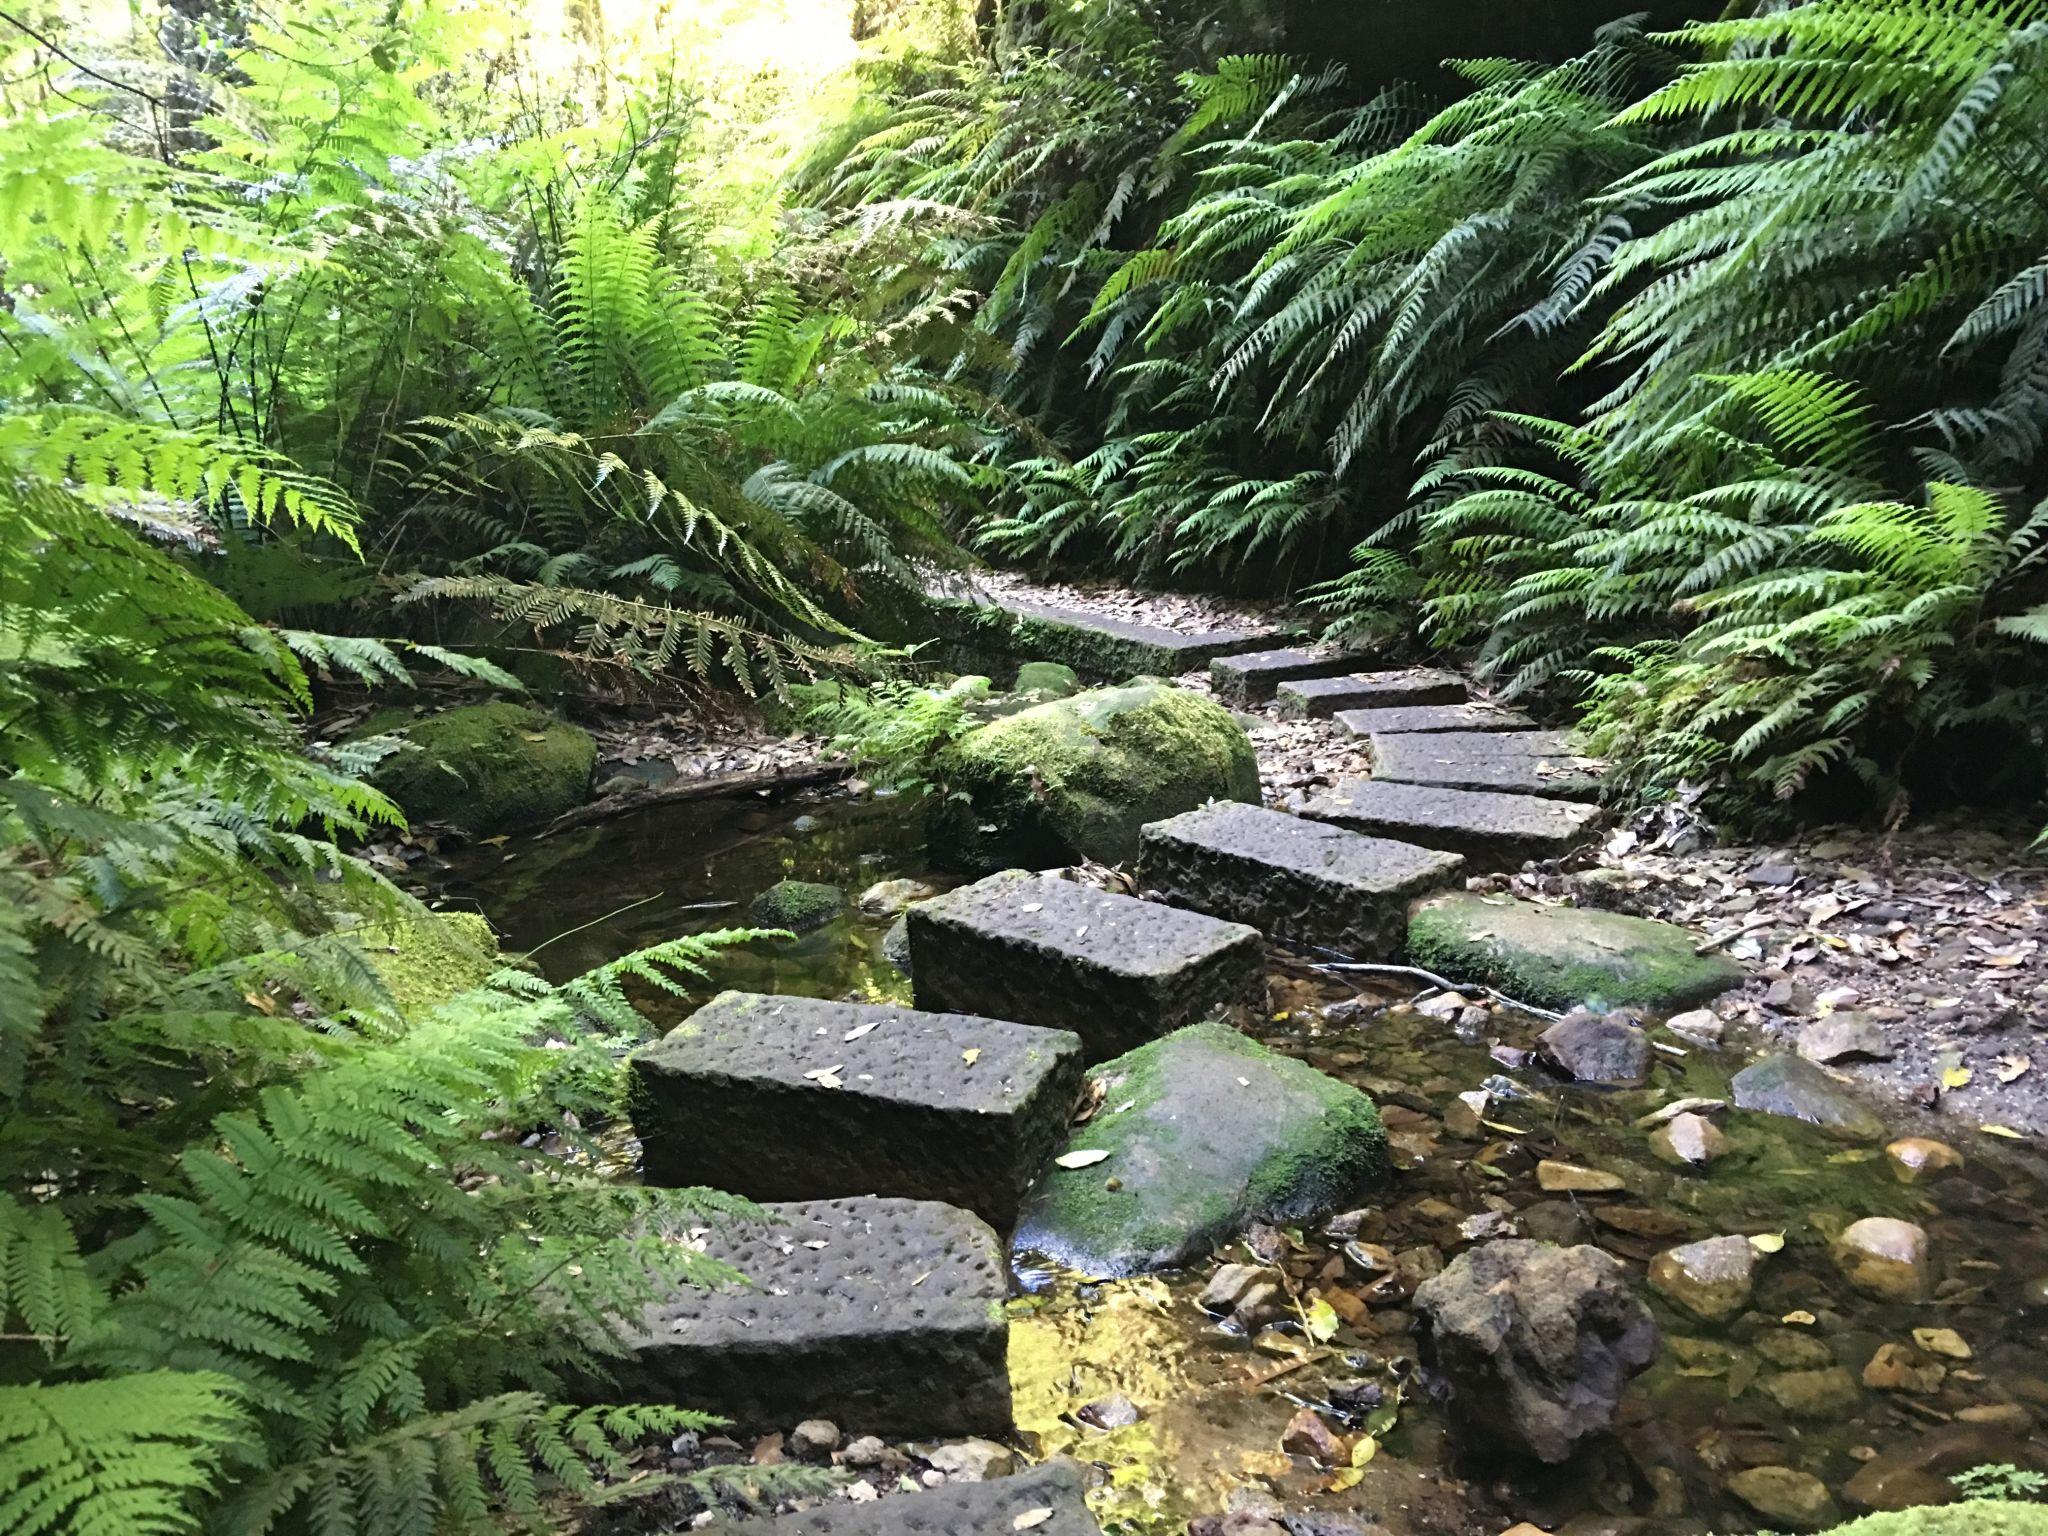 Stepping stones through a stream